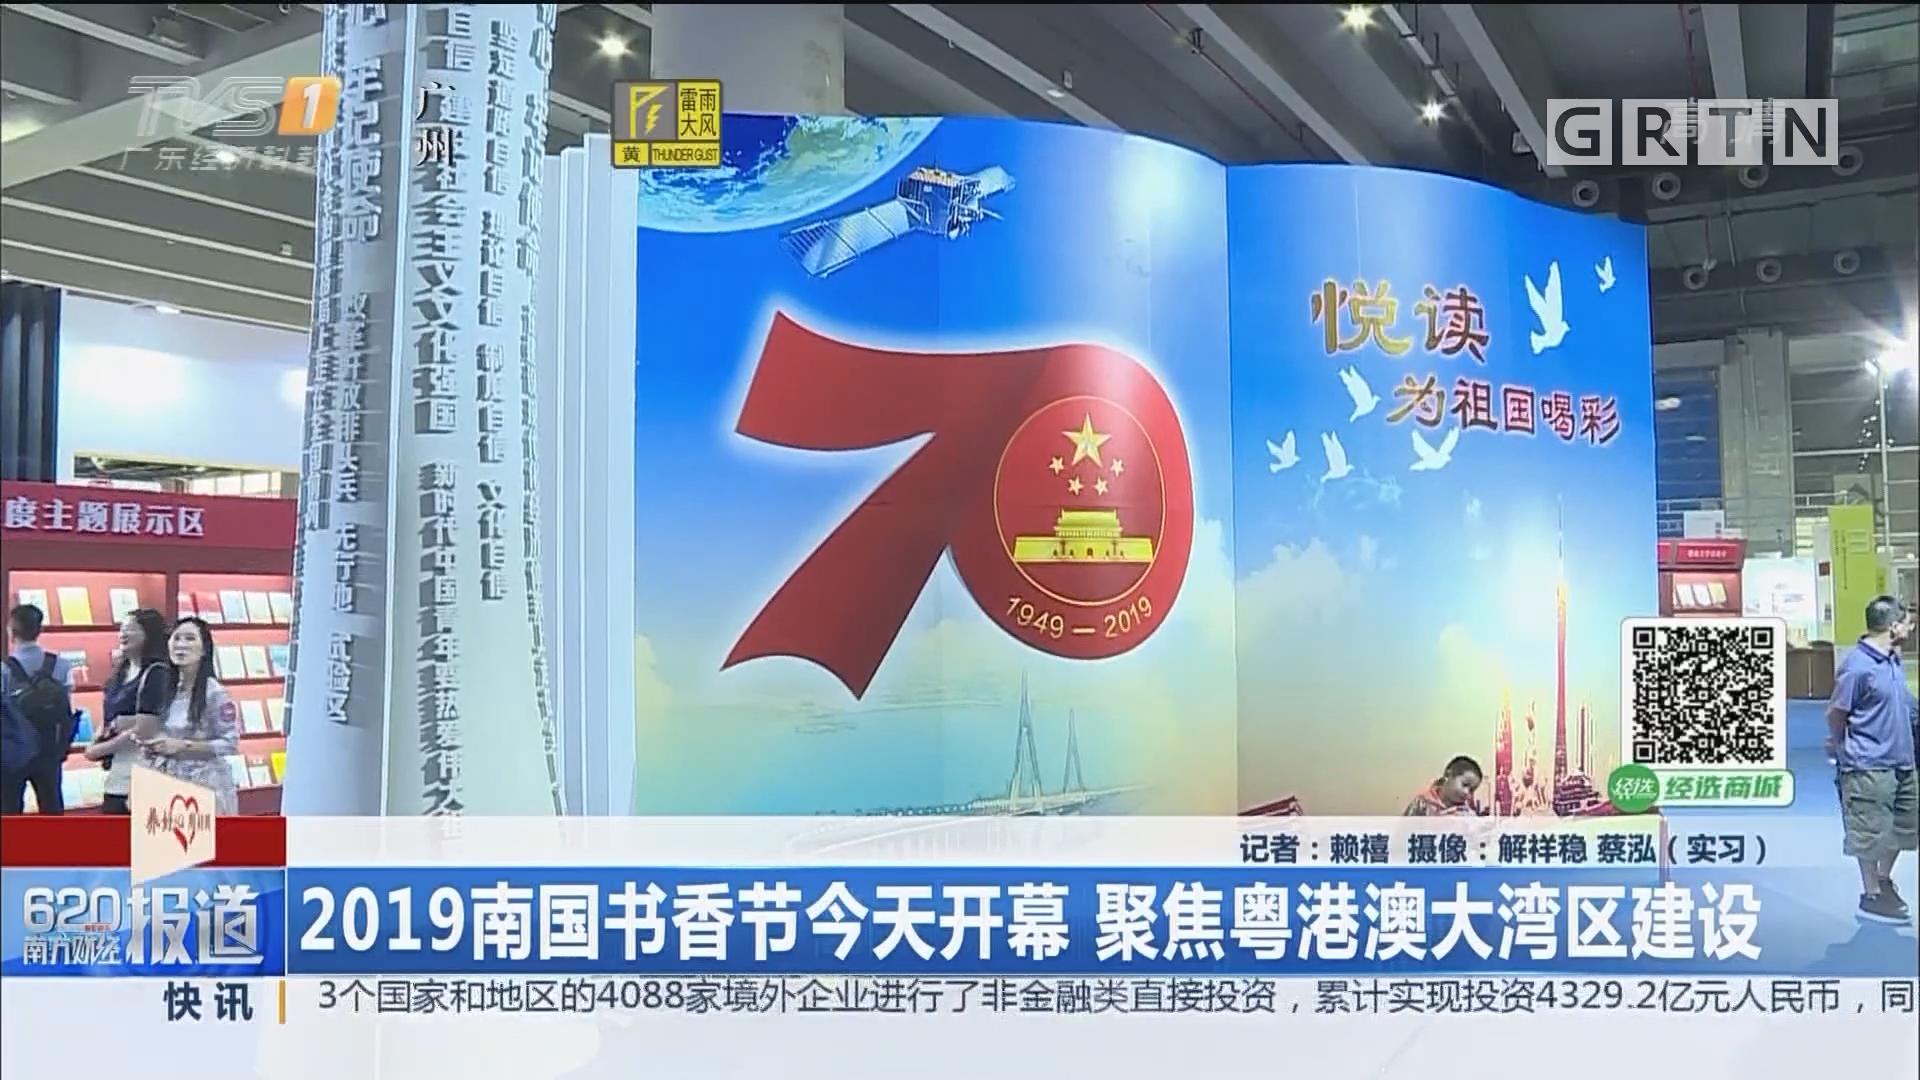 2019南国书香节今天开幕 聚焦粤港澳大湾区建设